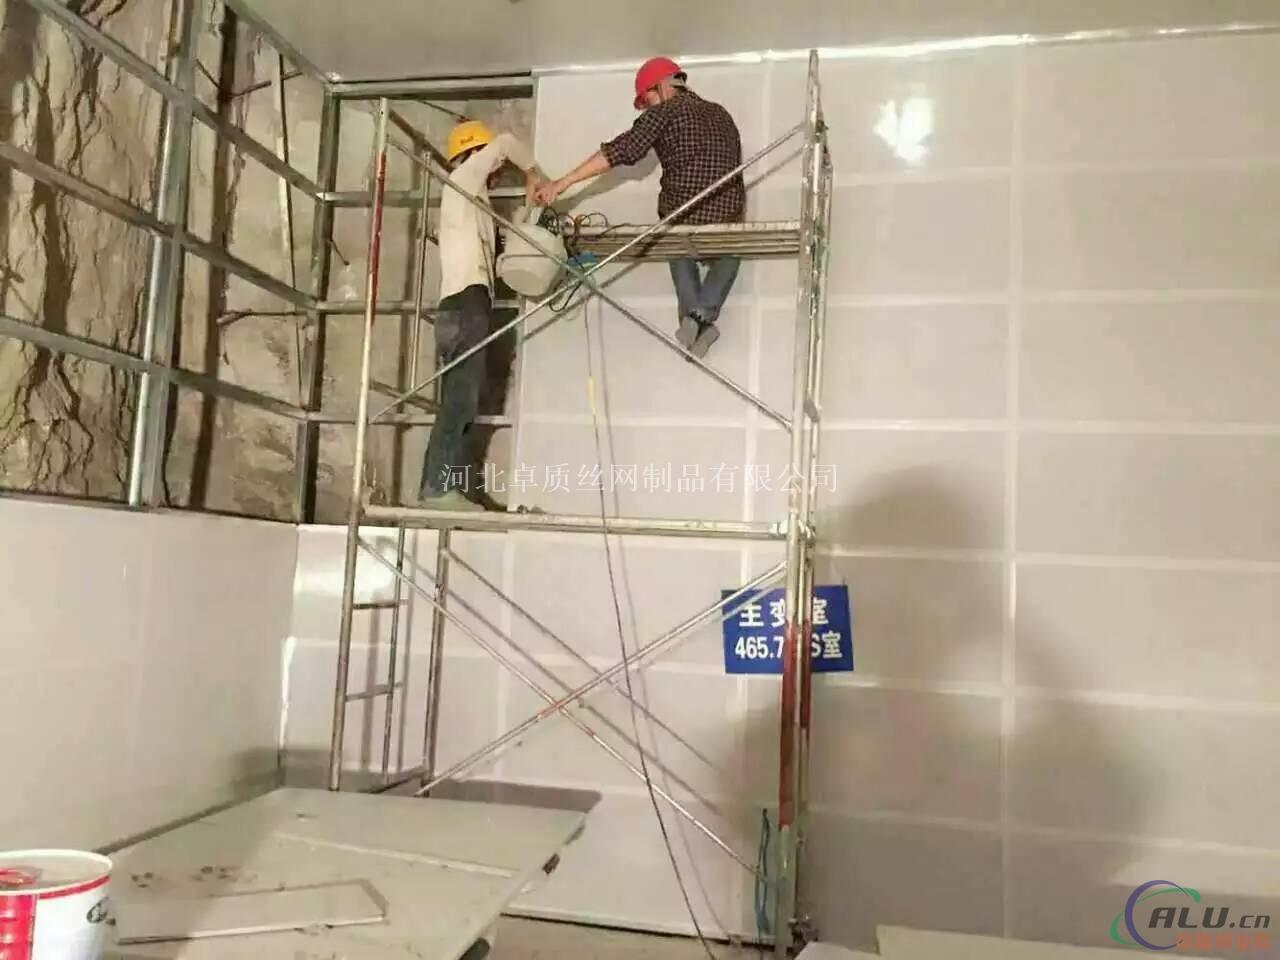 穿孔铝板吸声吊顶安装工艺有以下几点:①基层清理  ②测量放线  ③